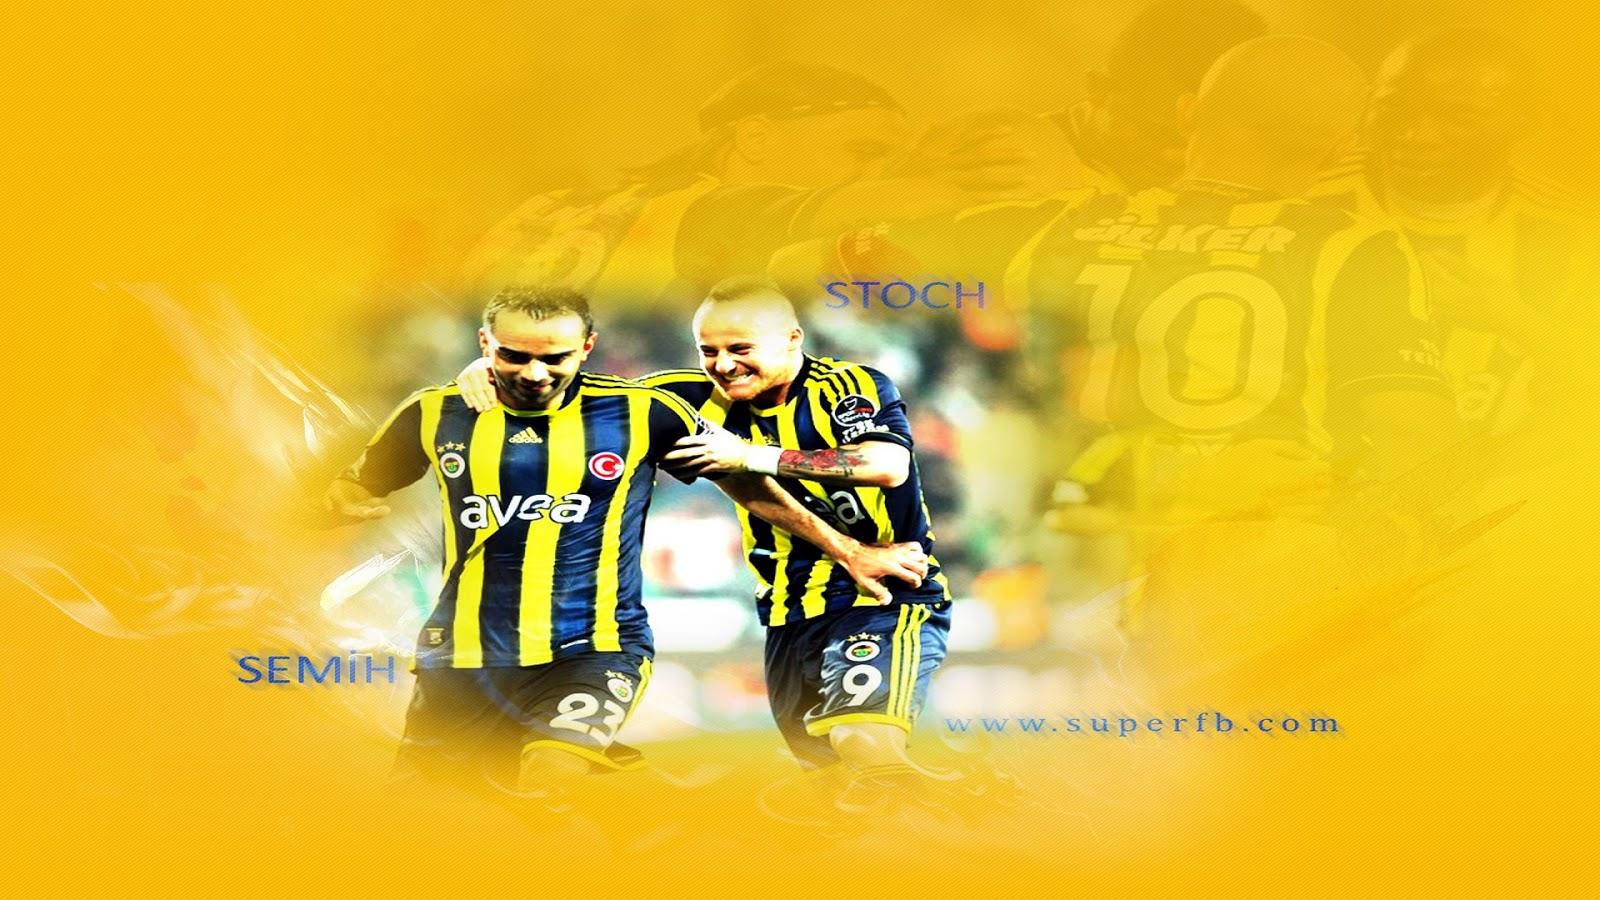 fenerbahce+resim+rooteto+12 Fenerbahçe HD Resimleri